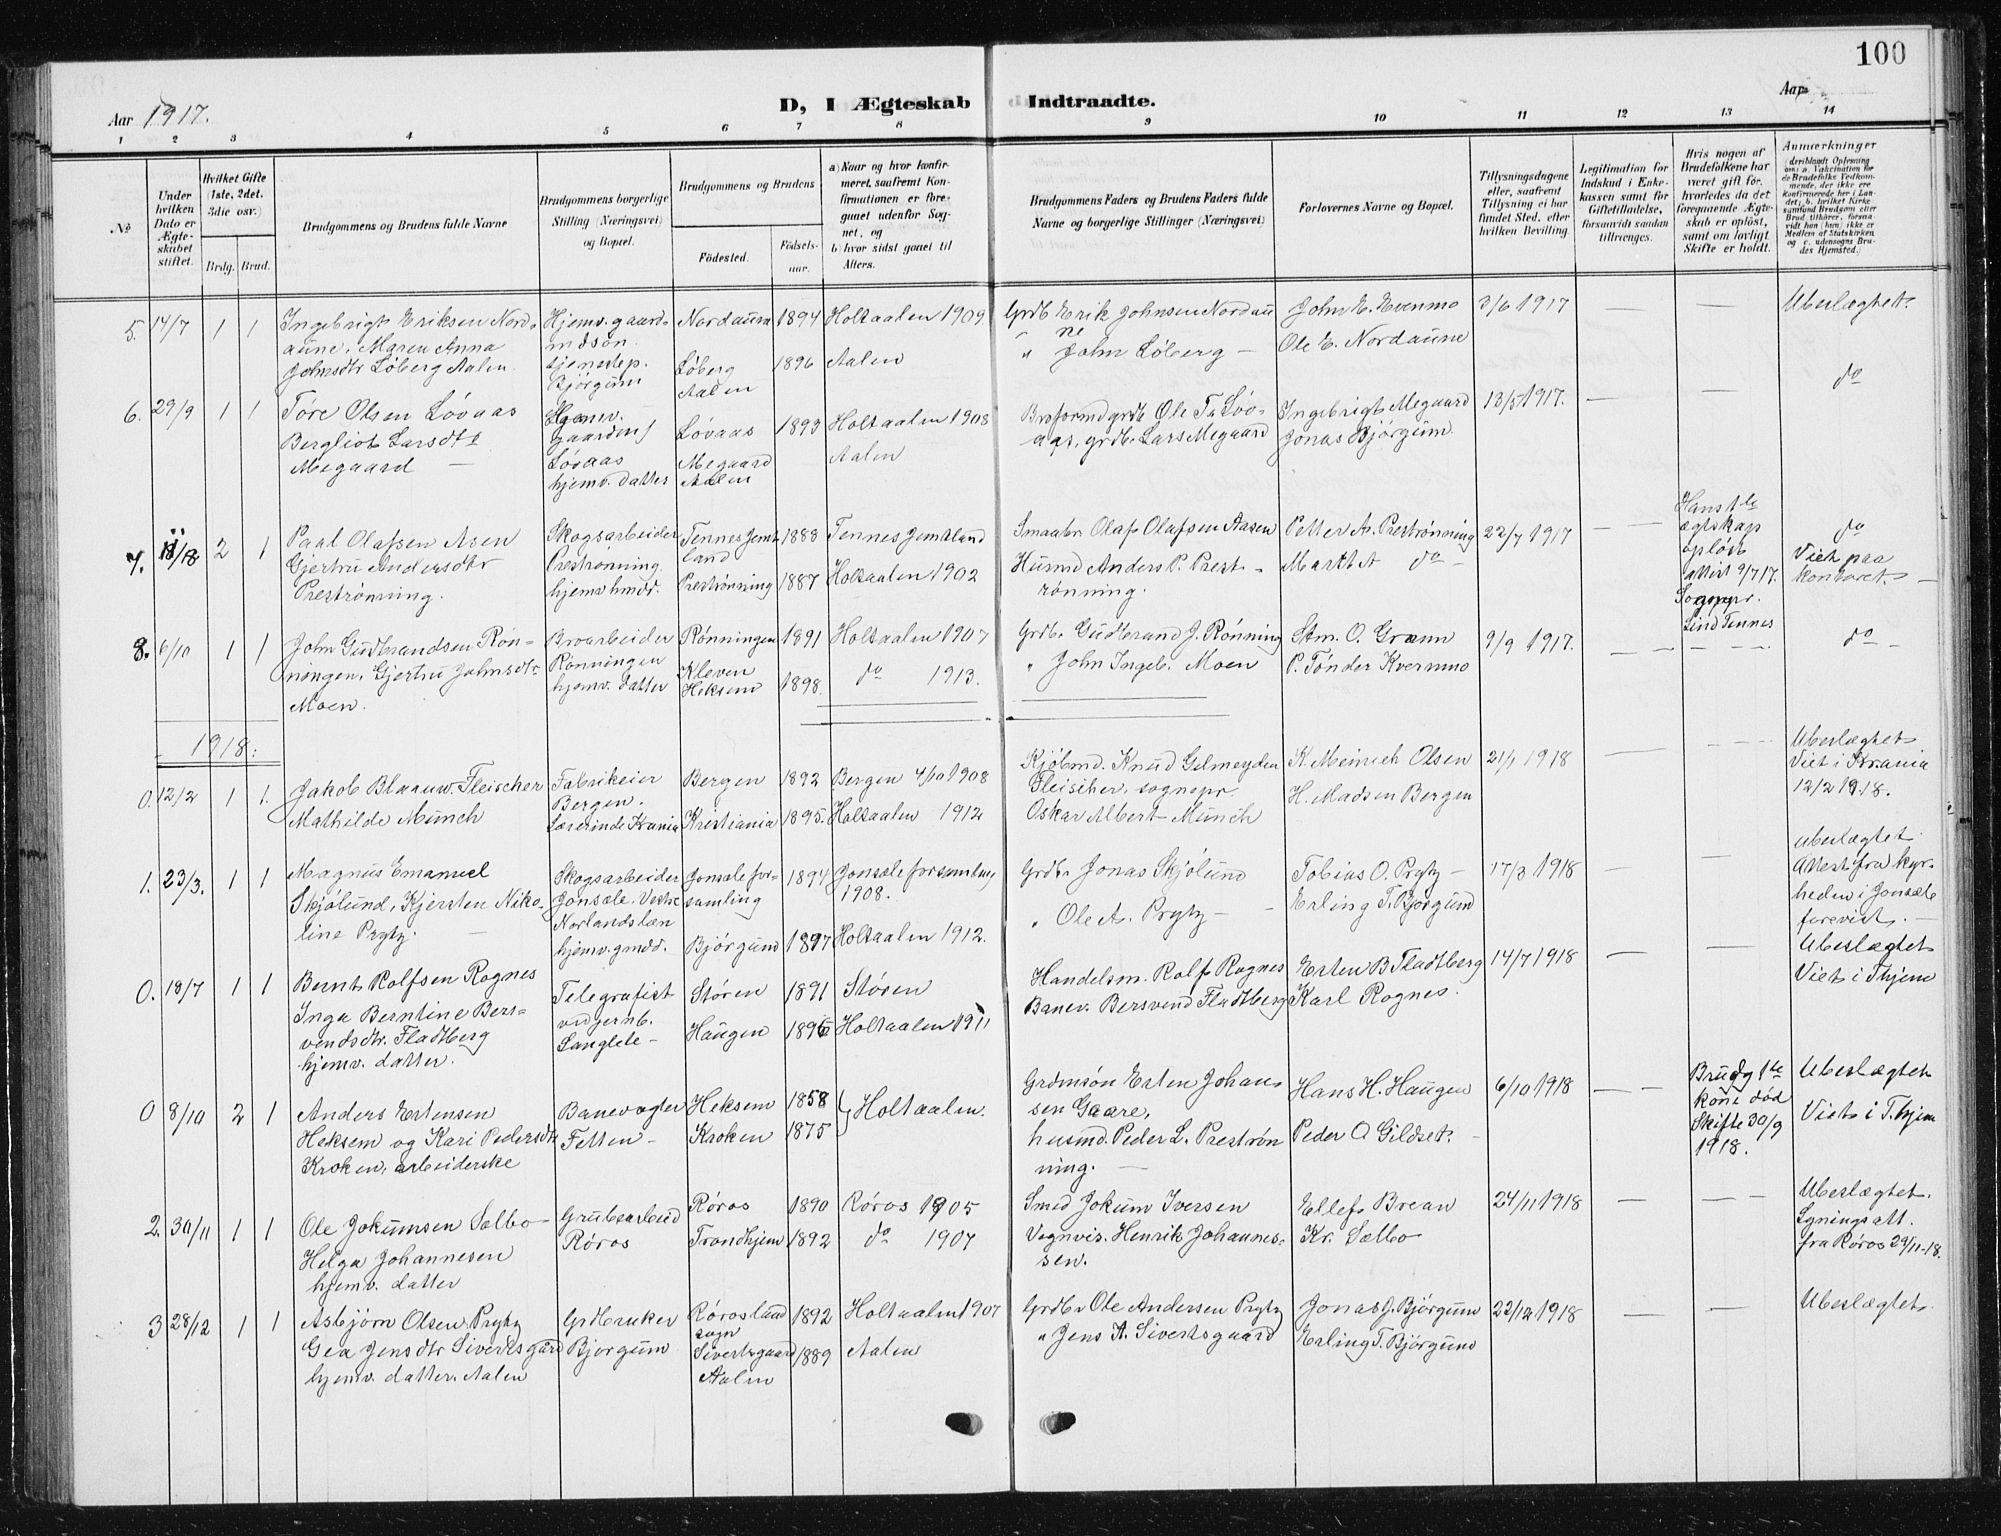 SAT, Ministerialprotokoller, klokkerbøker og fødselsregistre - Sør-Trøndelag, 685/L0979: Klokkerbok nr. 685C04, 1908-1933, s. 100